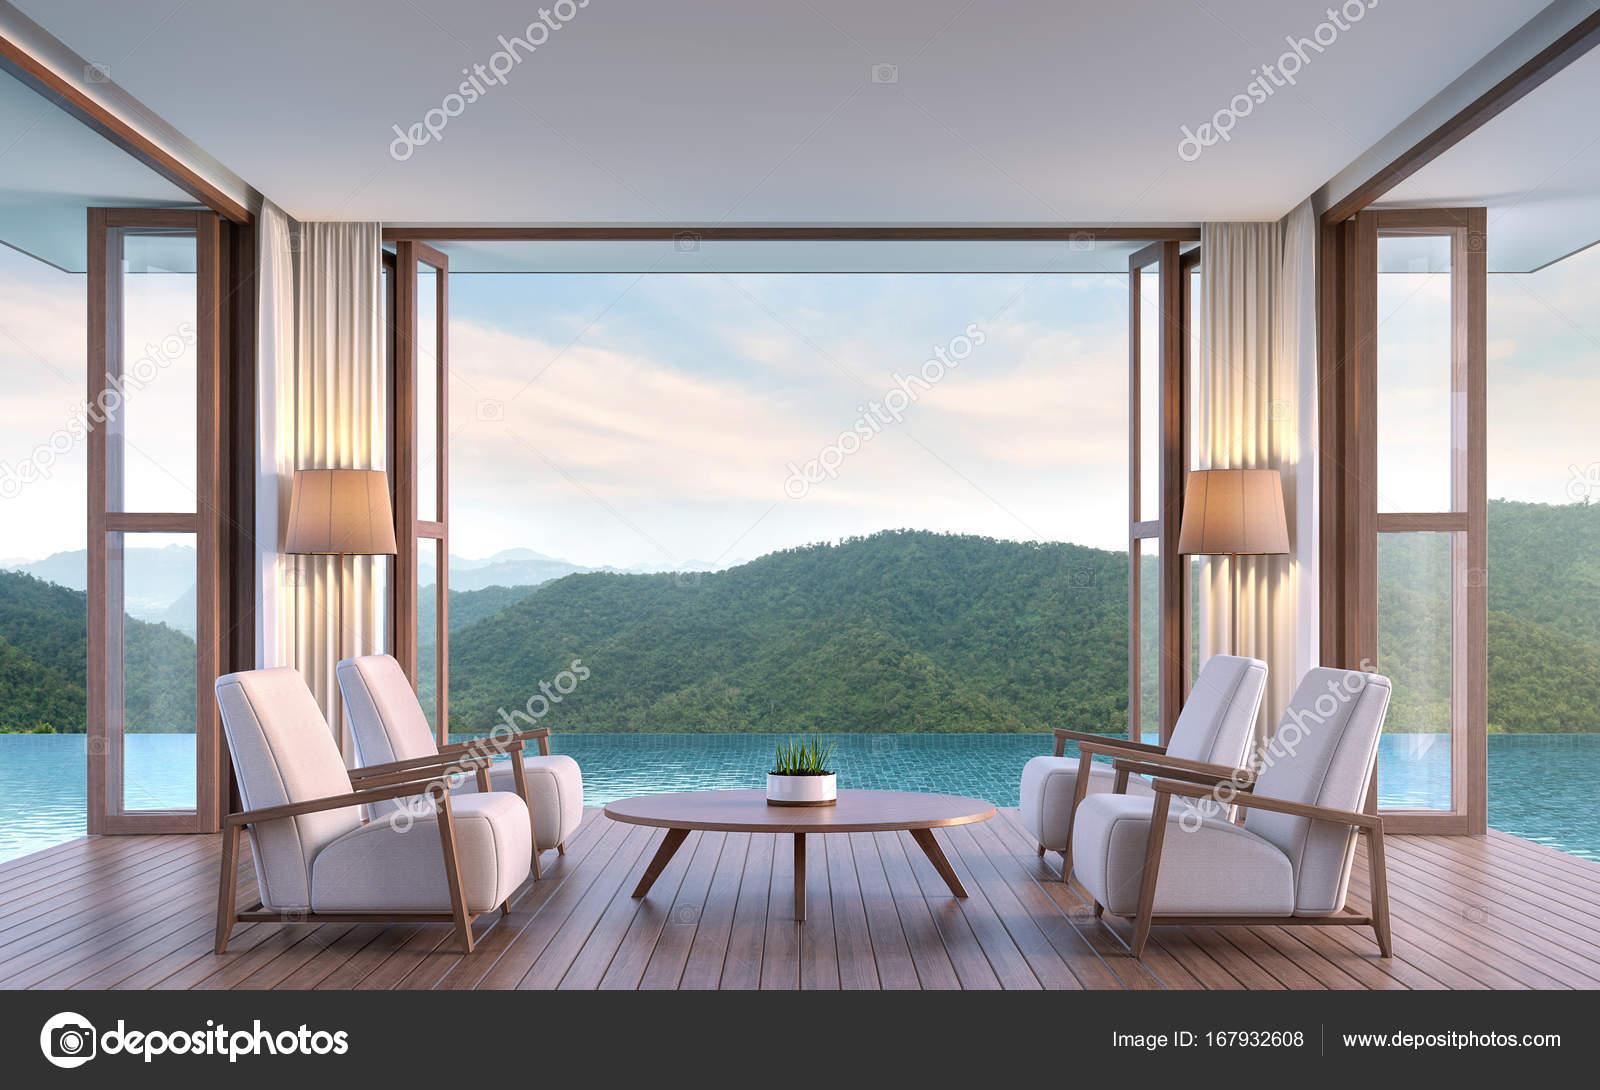 Pool Villa Wohn Esszimmer Mit Blick Auf Die Berge 3D Bild Rendern U2014  Stockfoto